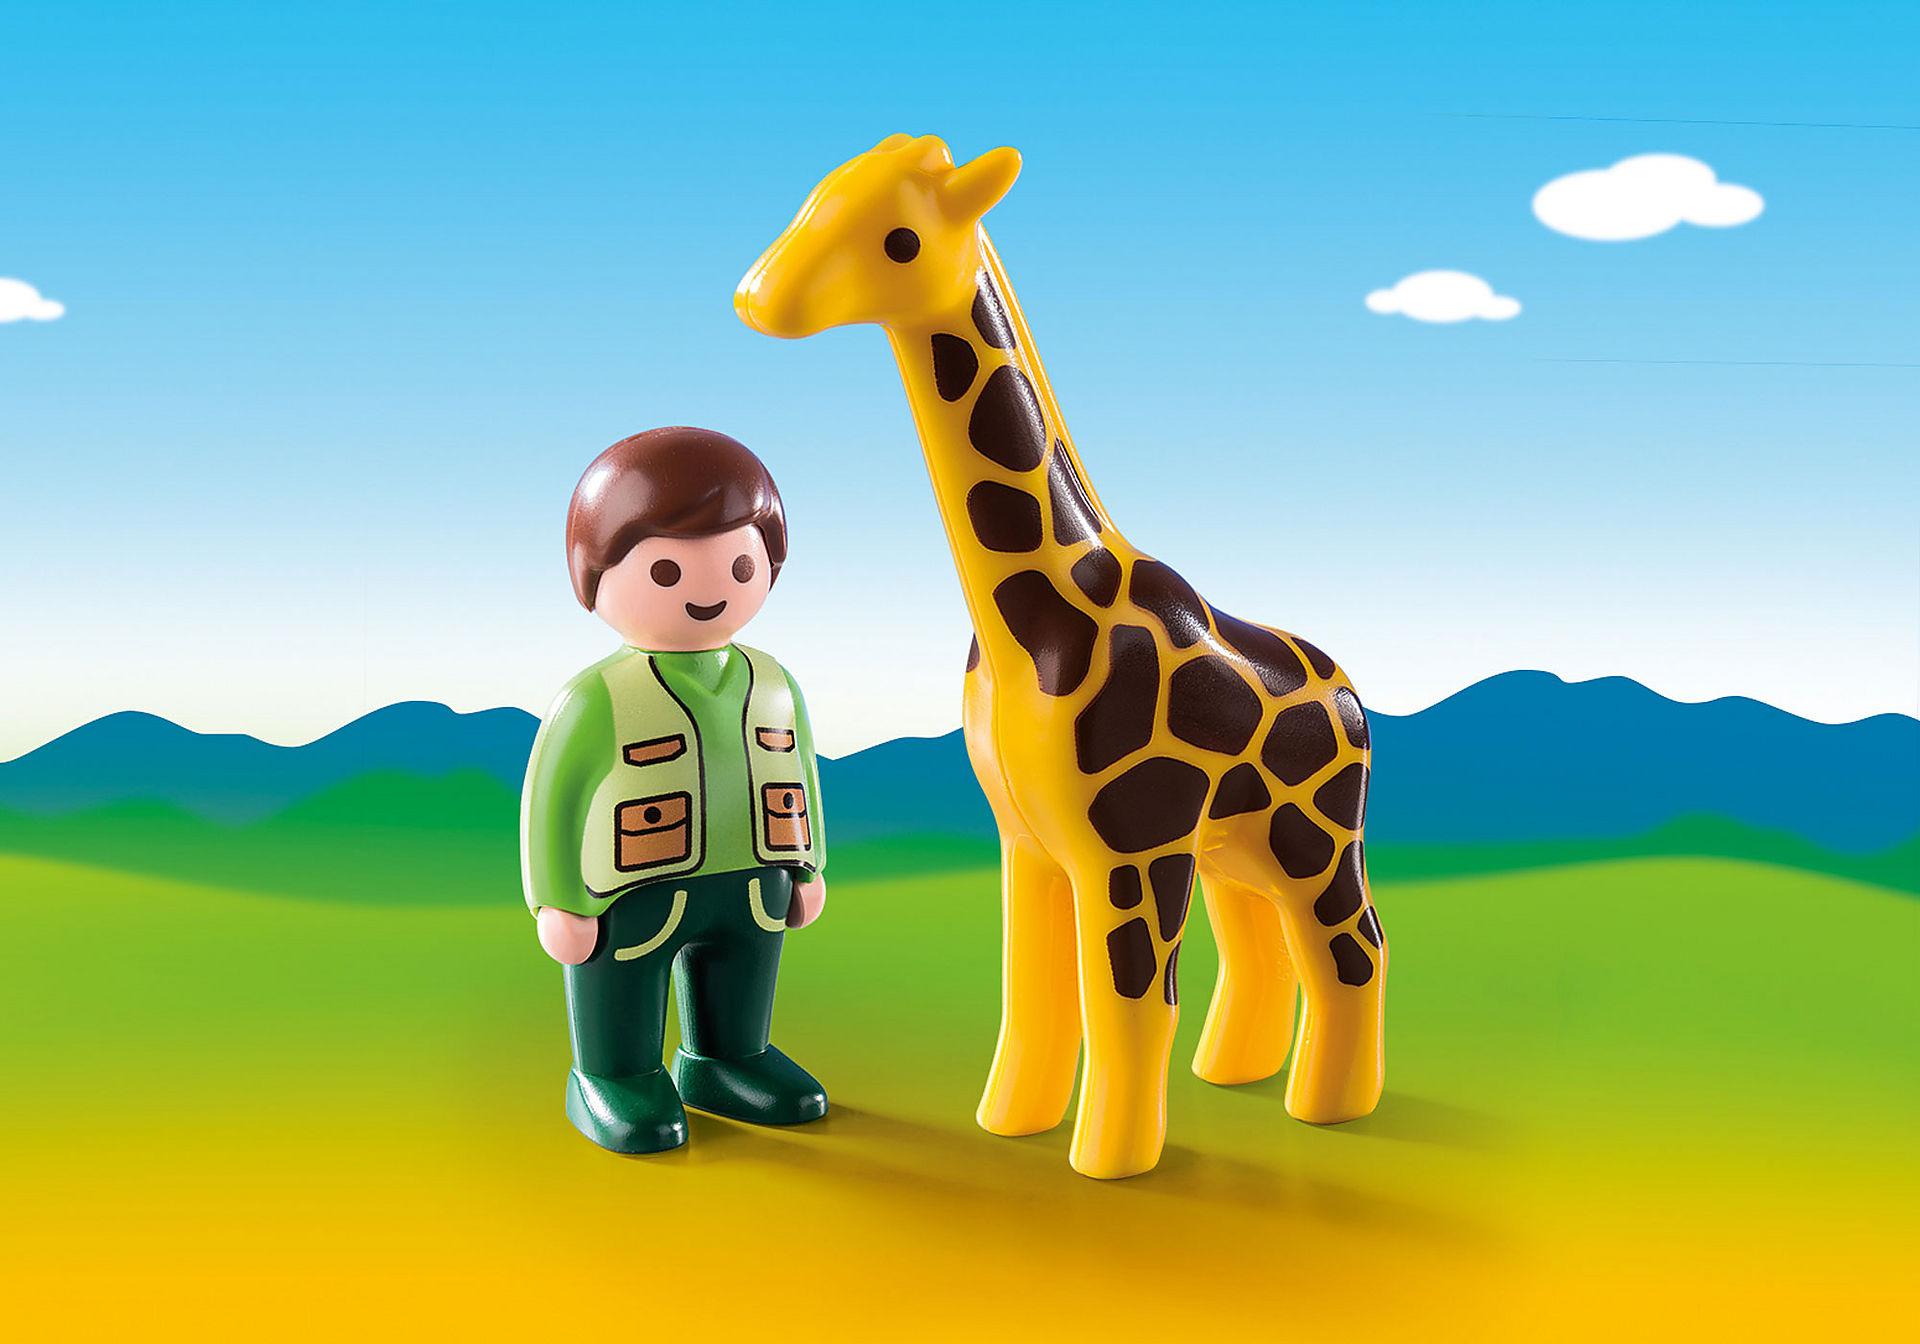 9380 Custode dello zoo con giraffa 1.2.3 zoom image1